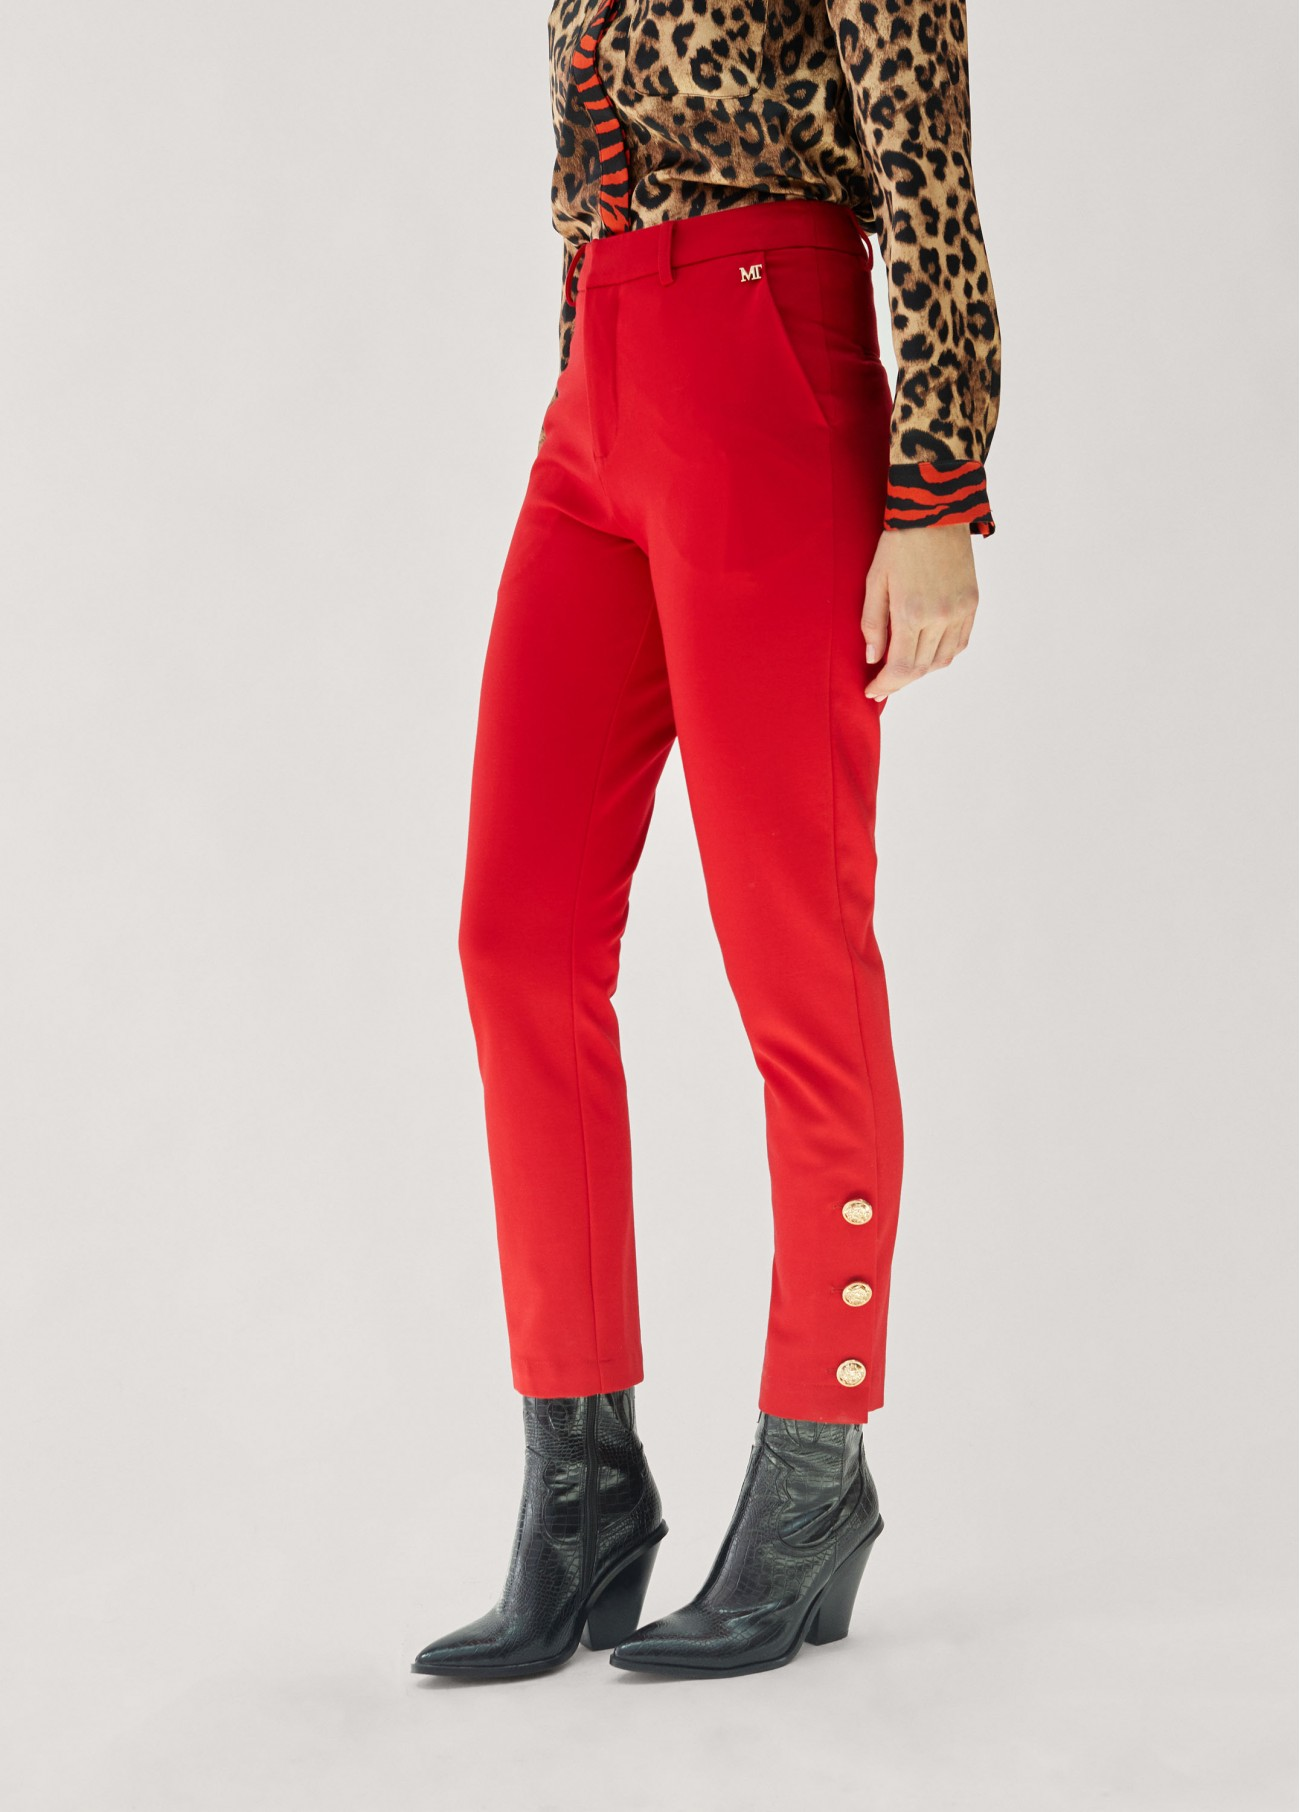 Pantalón detalle botones, rojo, negro 2